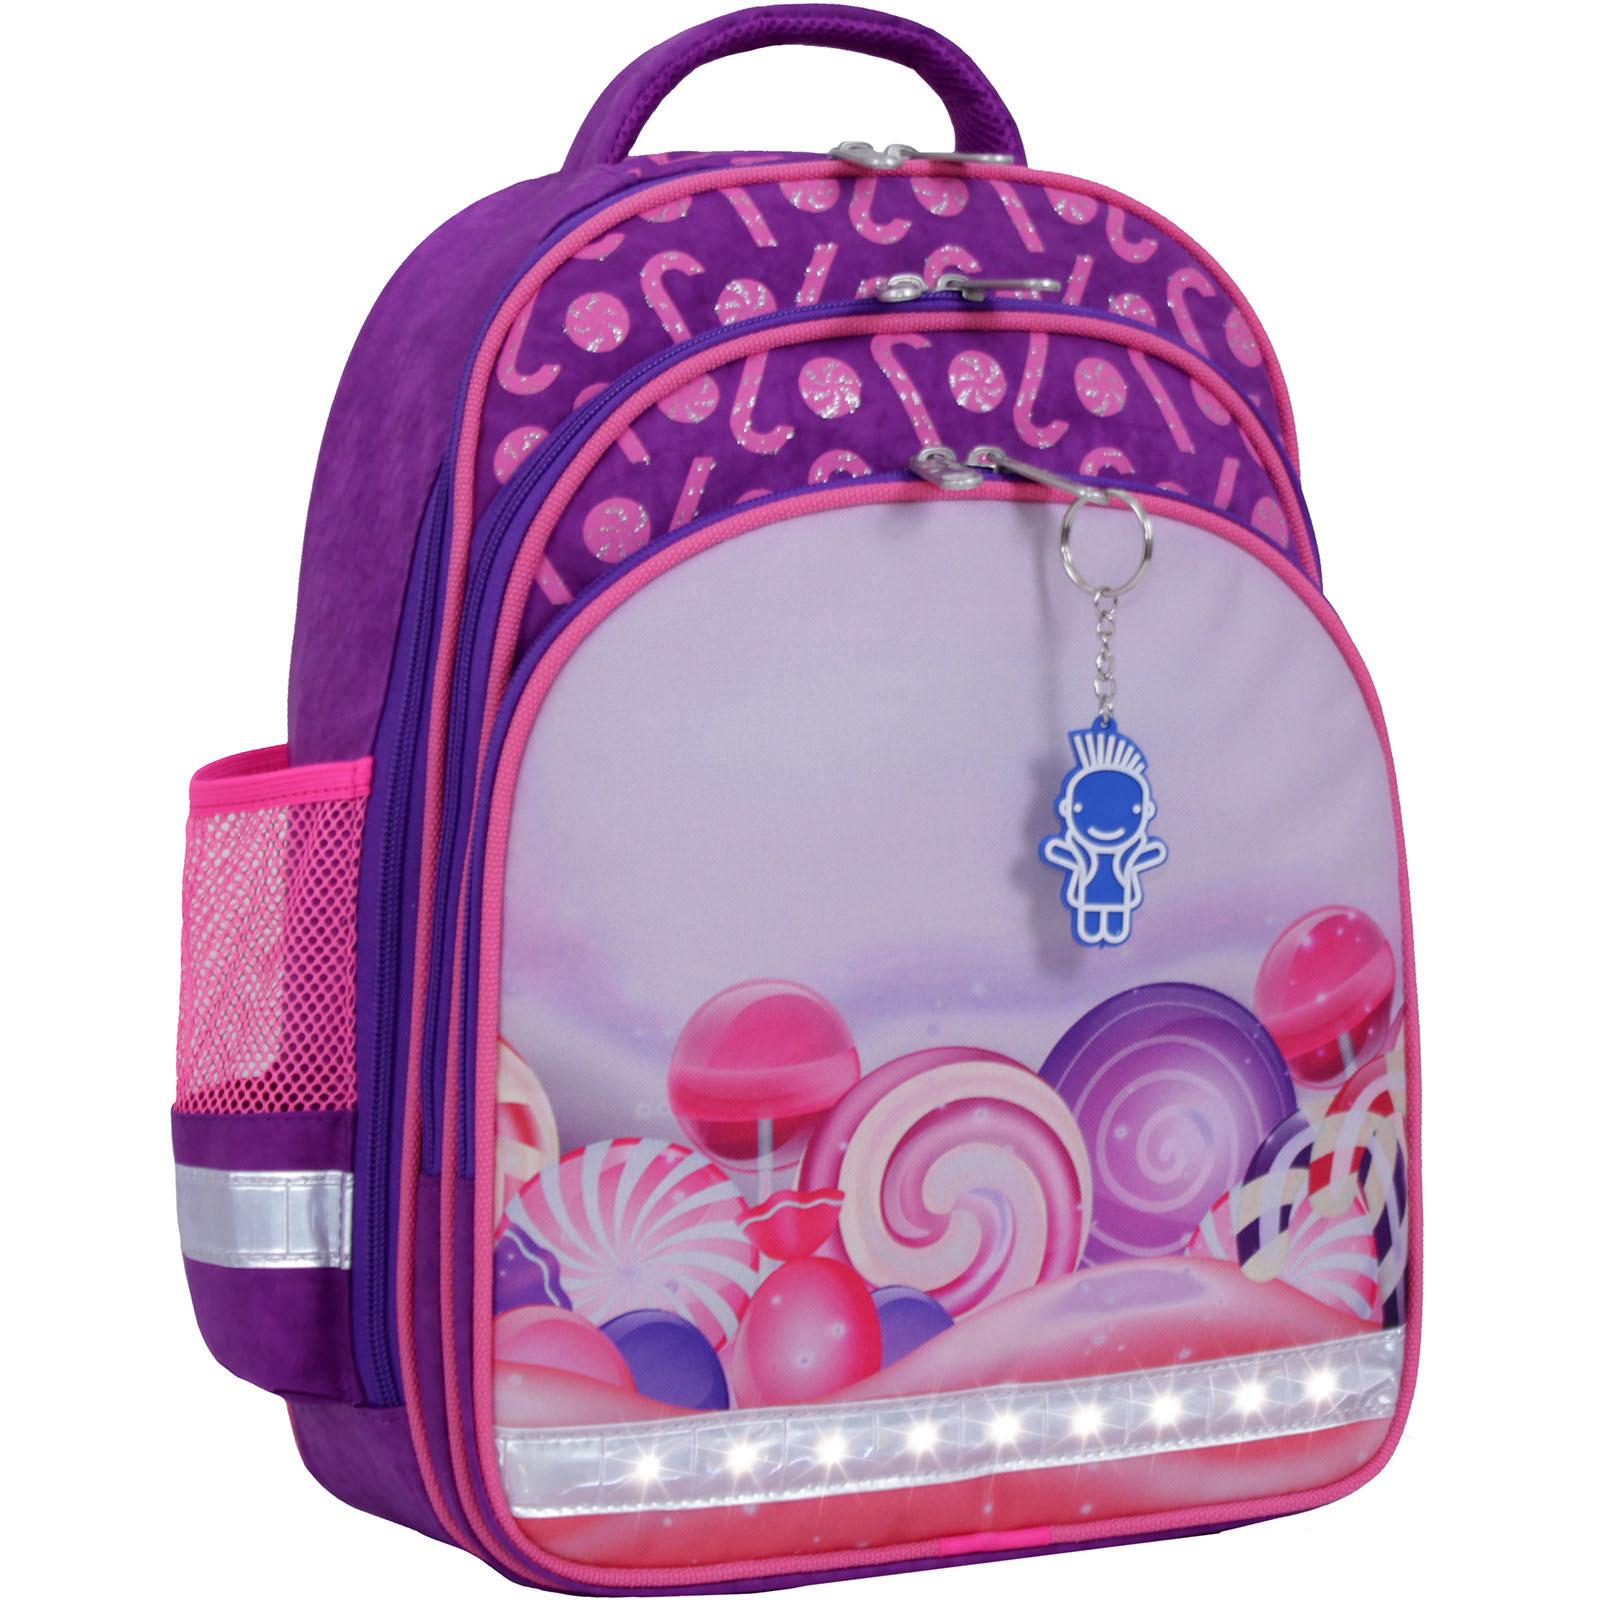 Для детей Рюкзак школьный Bagland Mouse 339 фиолетовый 409 (00513702) IMG_1205.JPG